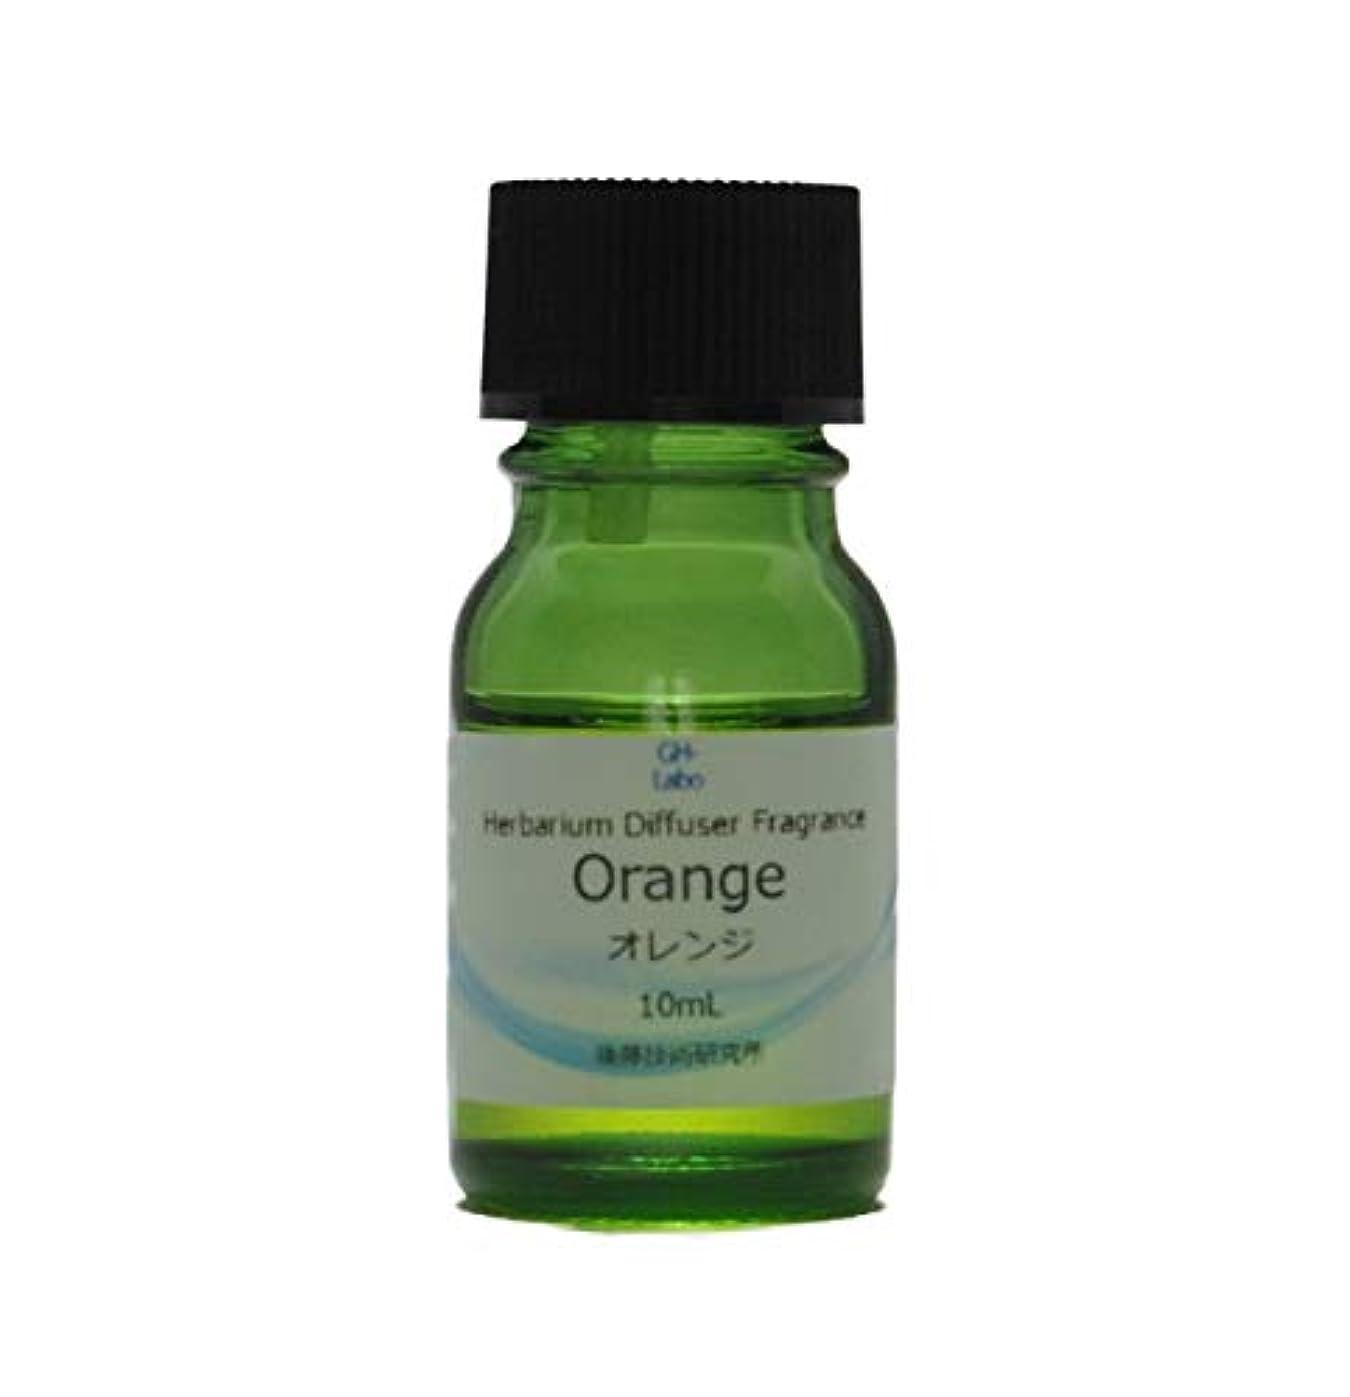 コンピューターゲームをプレイする会員人工オレンジ フレグランス 香料 ディフューザー ハーバリウム アロマオイル 手作り 化粧品